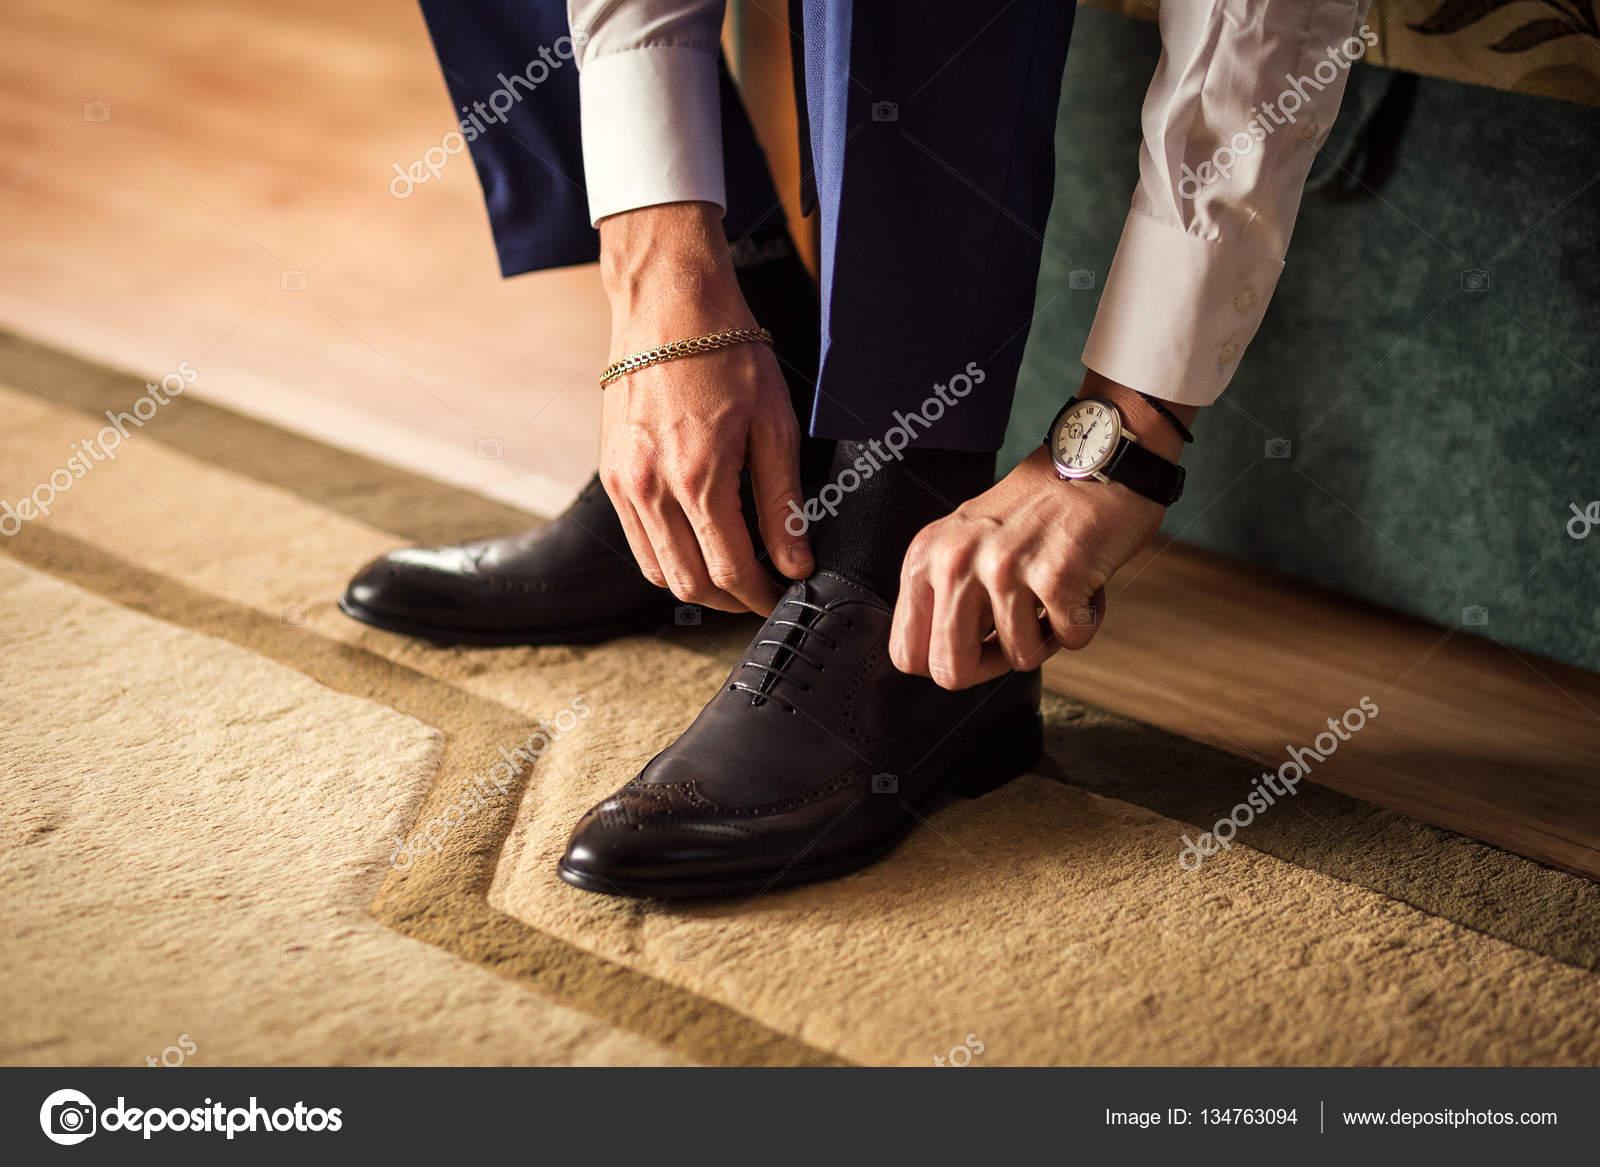 eb234bd310 empresário roupas sapatos